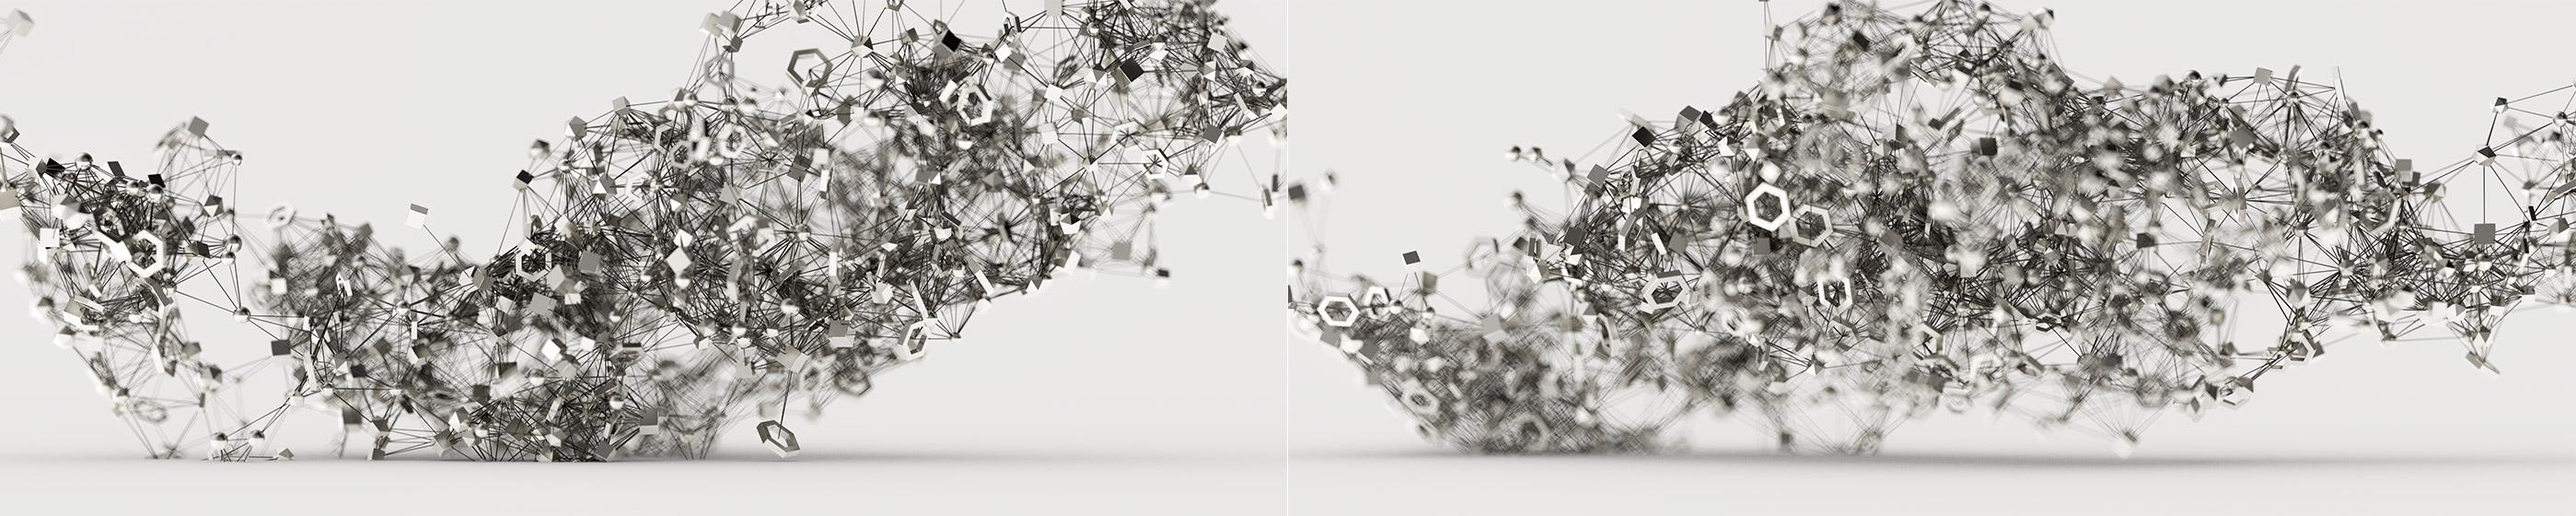 vortex-render-004.jpg